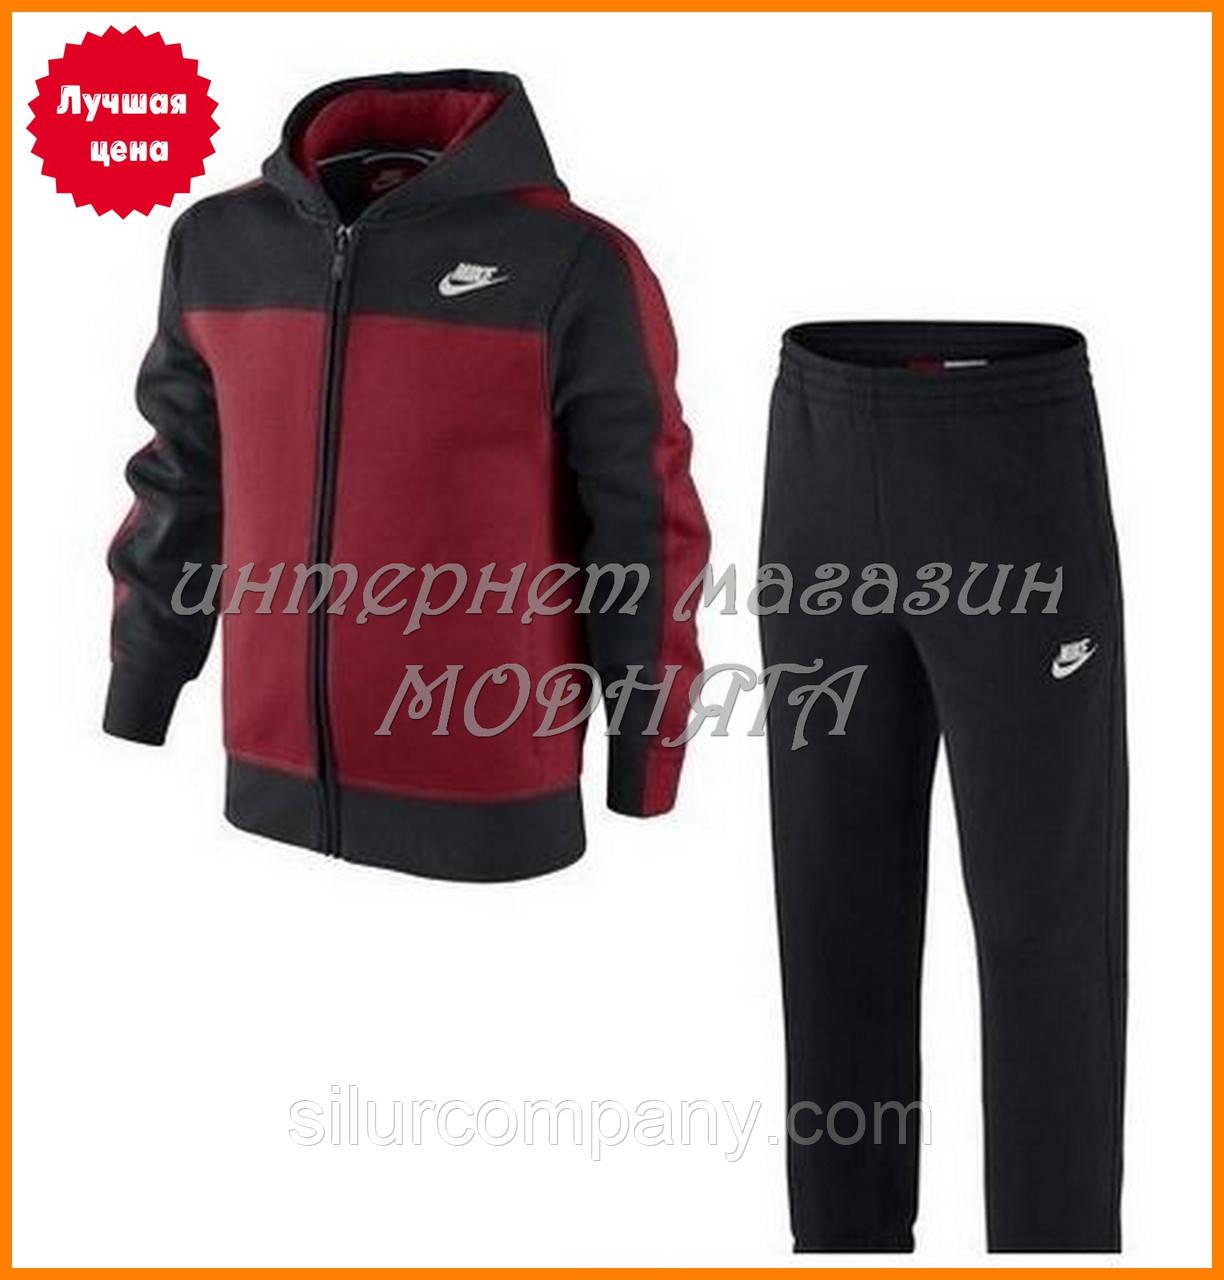 Подростковый костюм Nike  продажа, цена в Киеве, в Харькове ... 4a617ea20c9